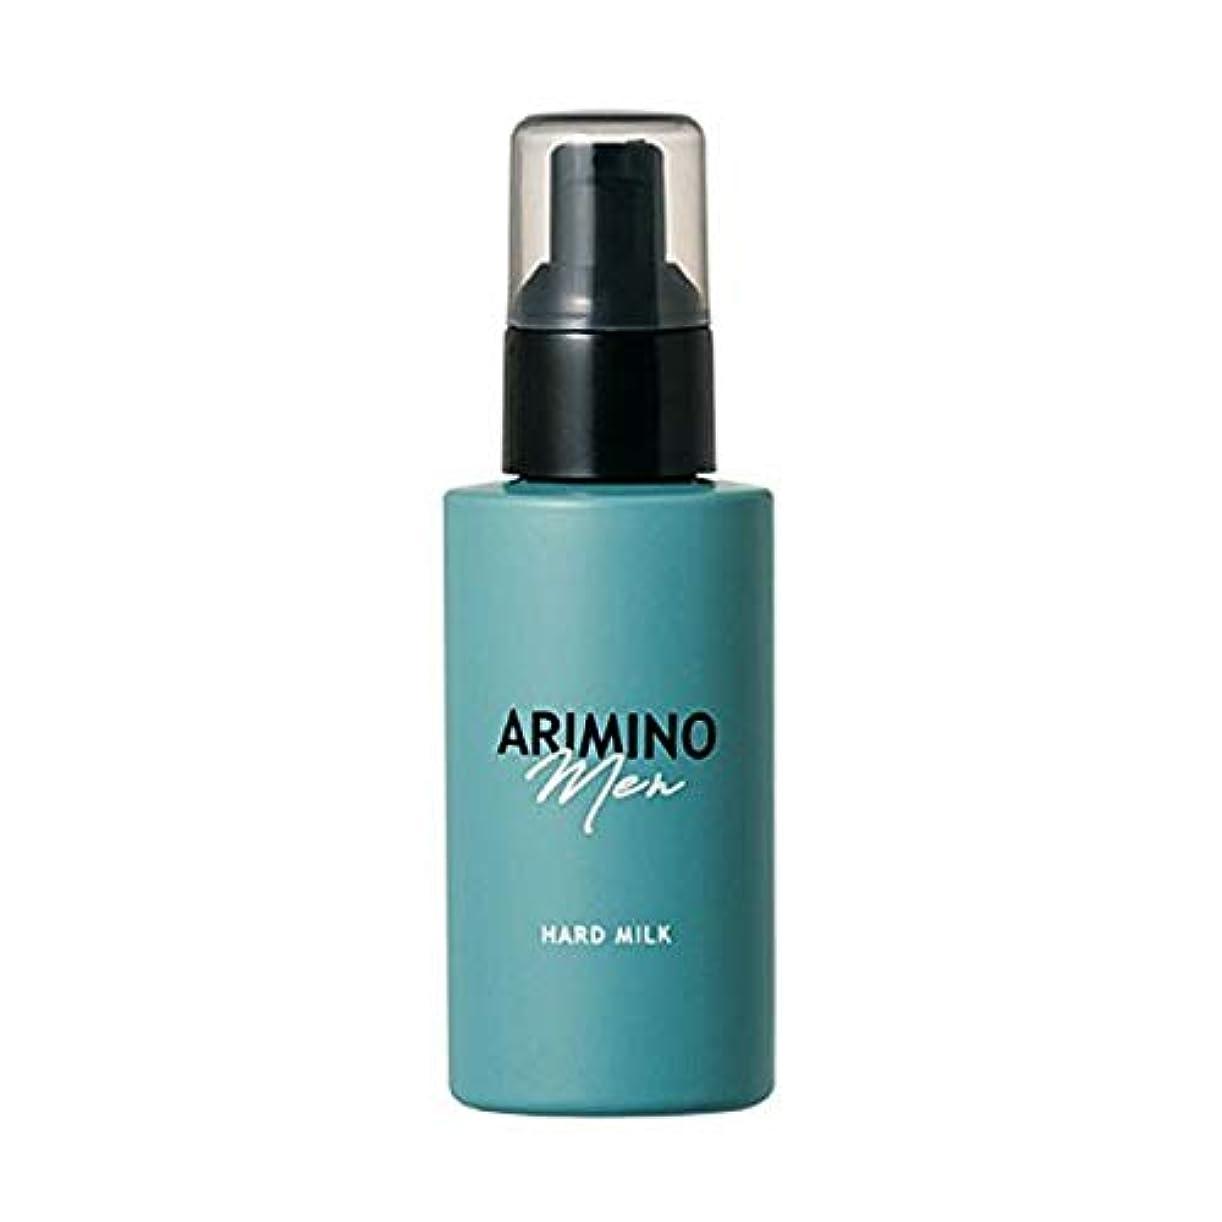 コインランドリーオズワルド品アリミノ メン ハード ミルク 100g ×3個 セット arimino men